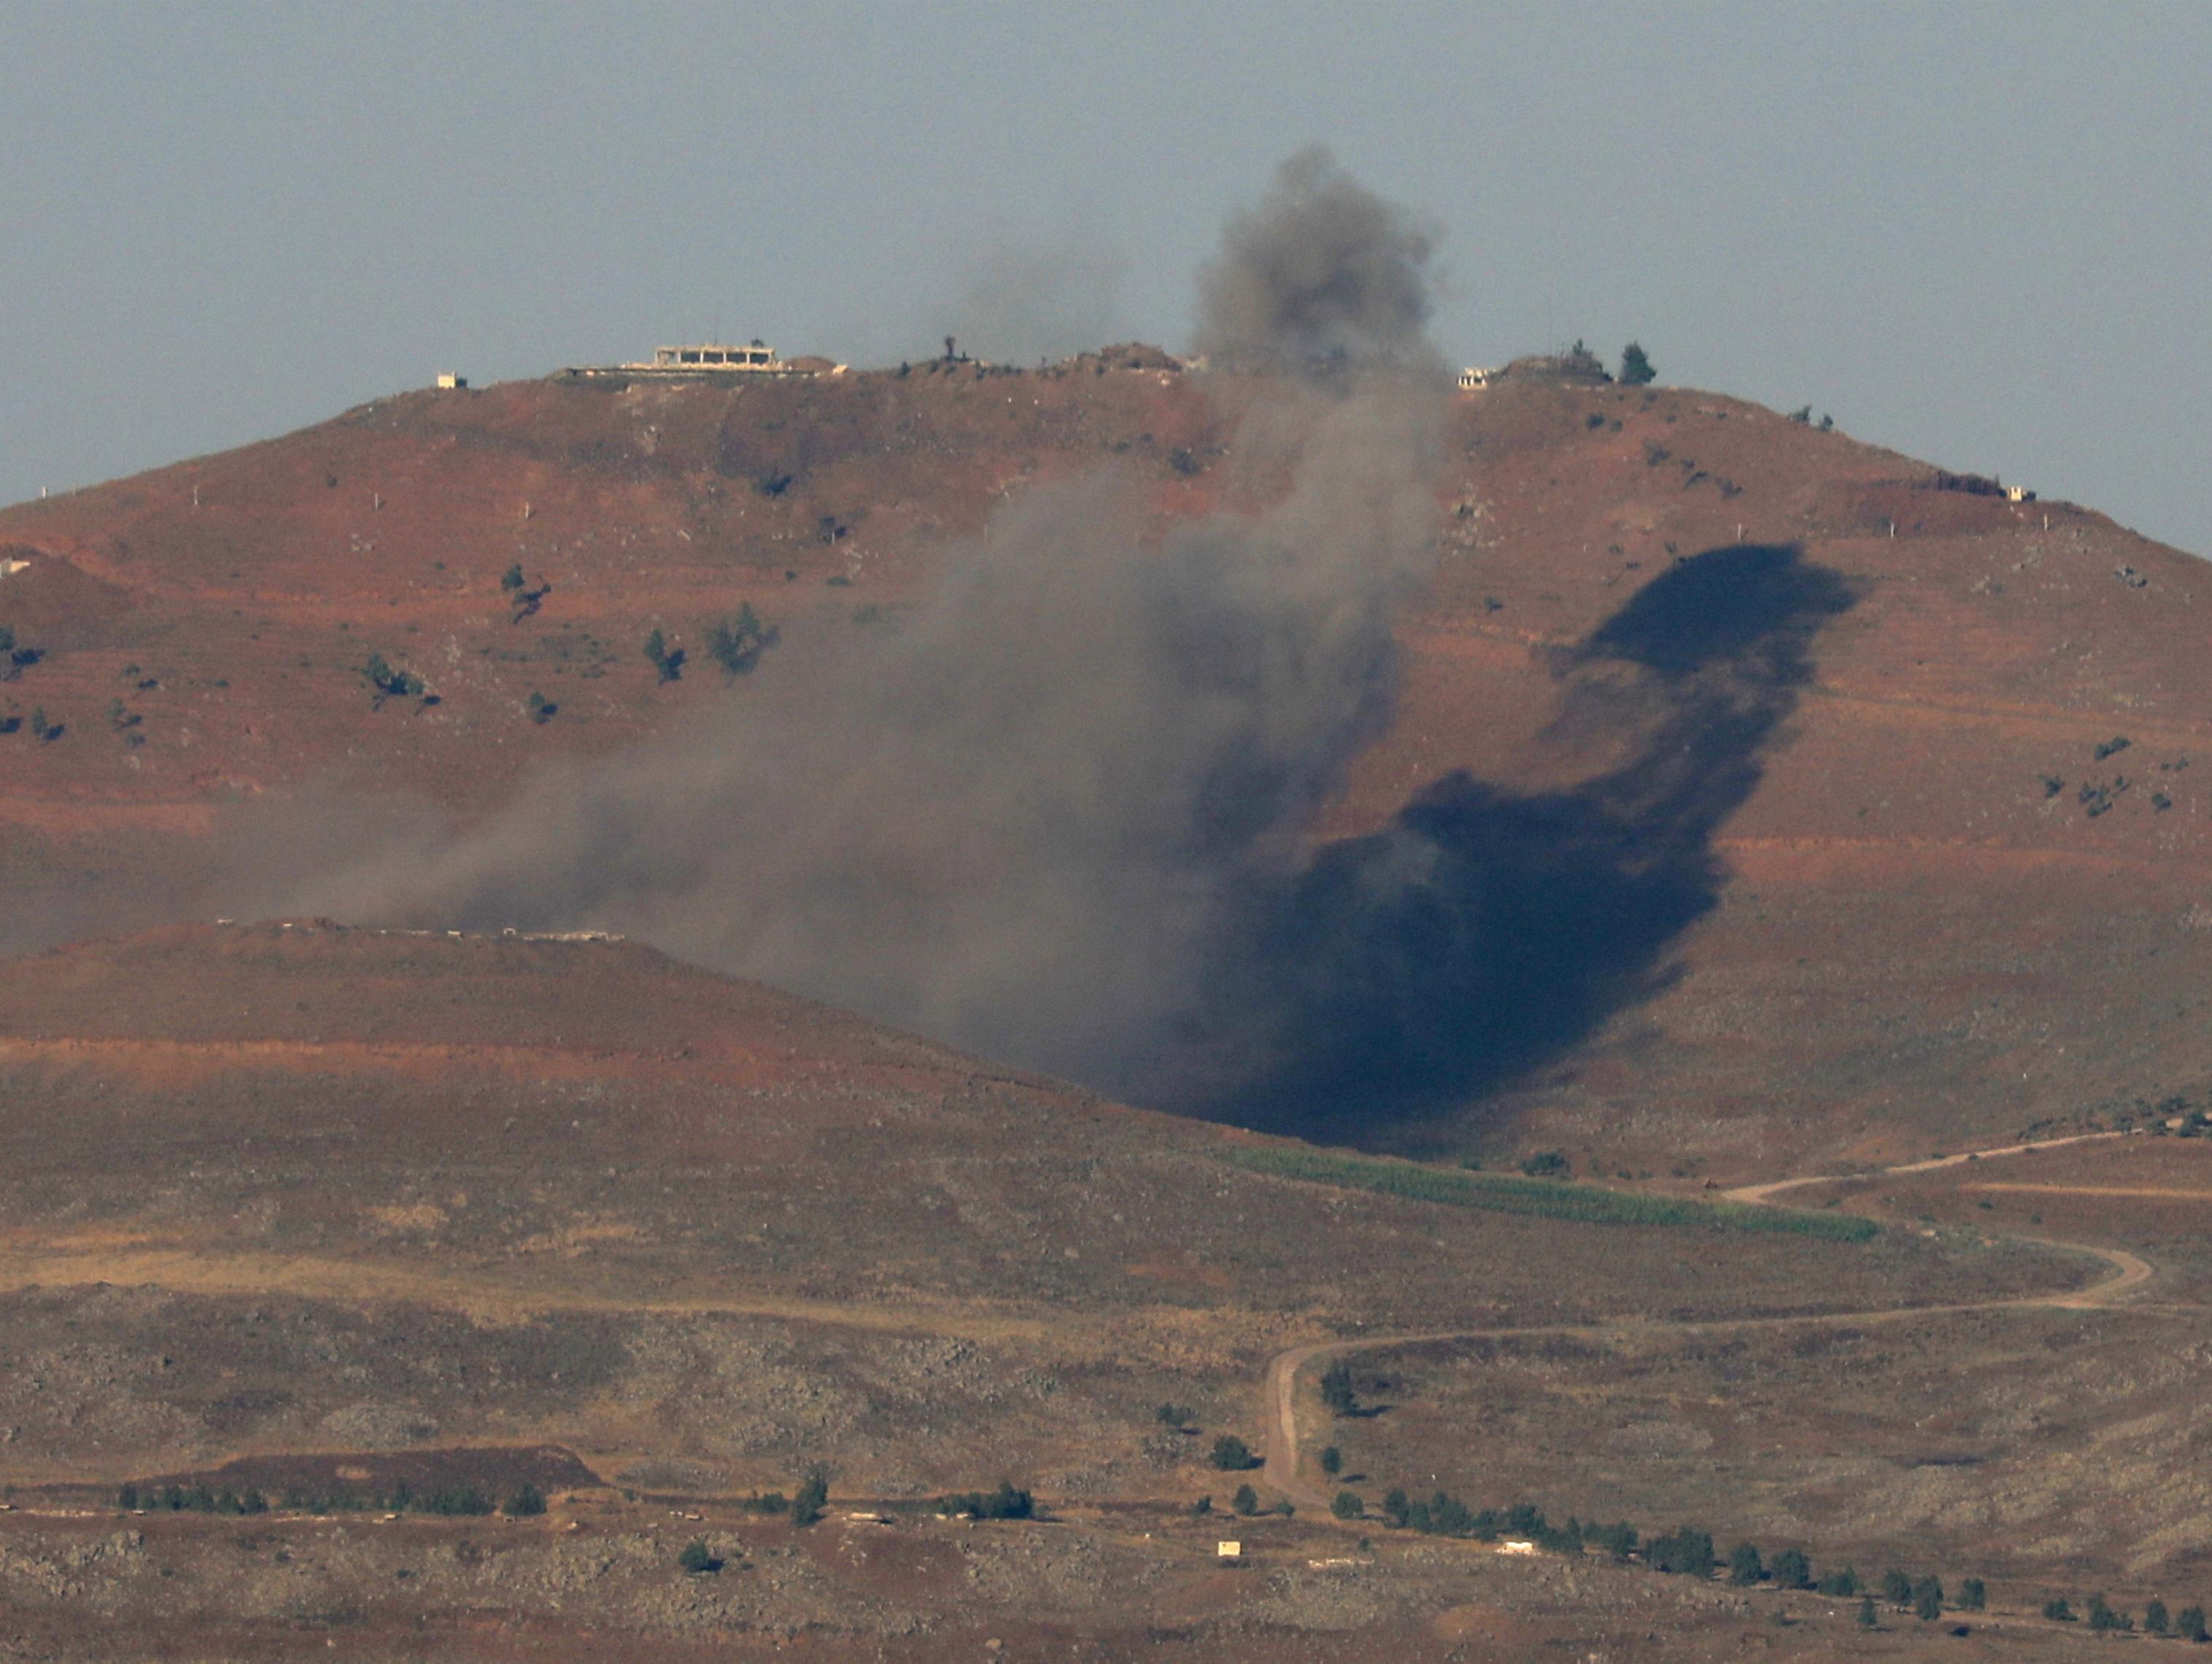 משקיפים על ישראל: צבא סוריה כבש גבעה אסטרטגית סמוך לגבול